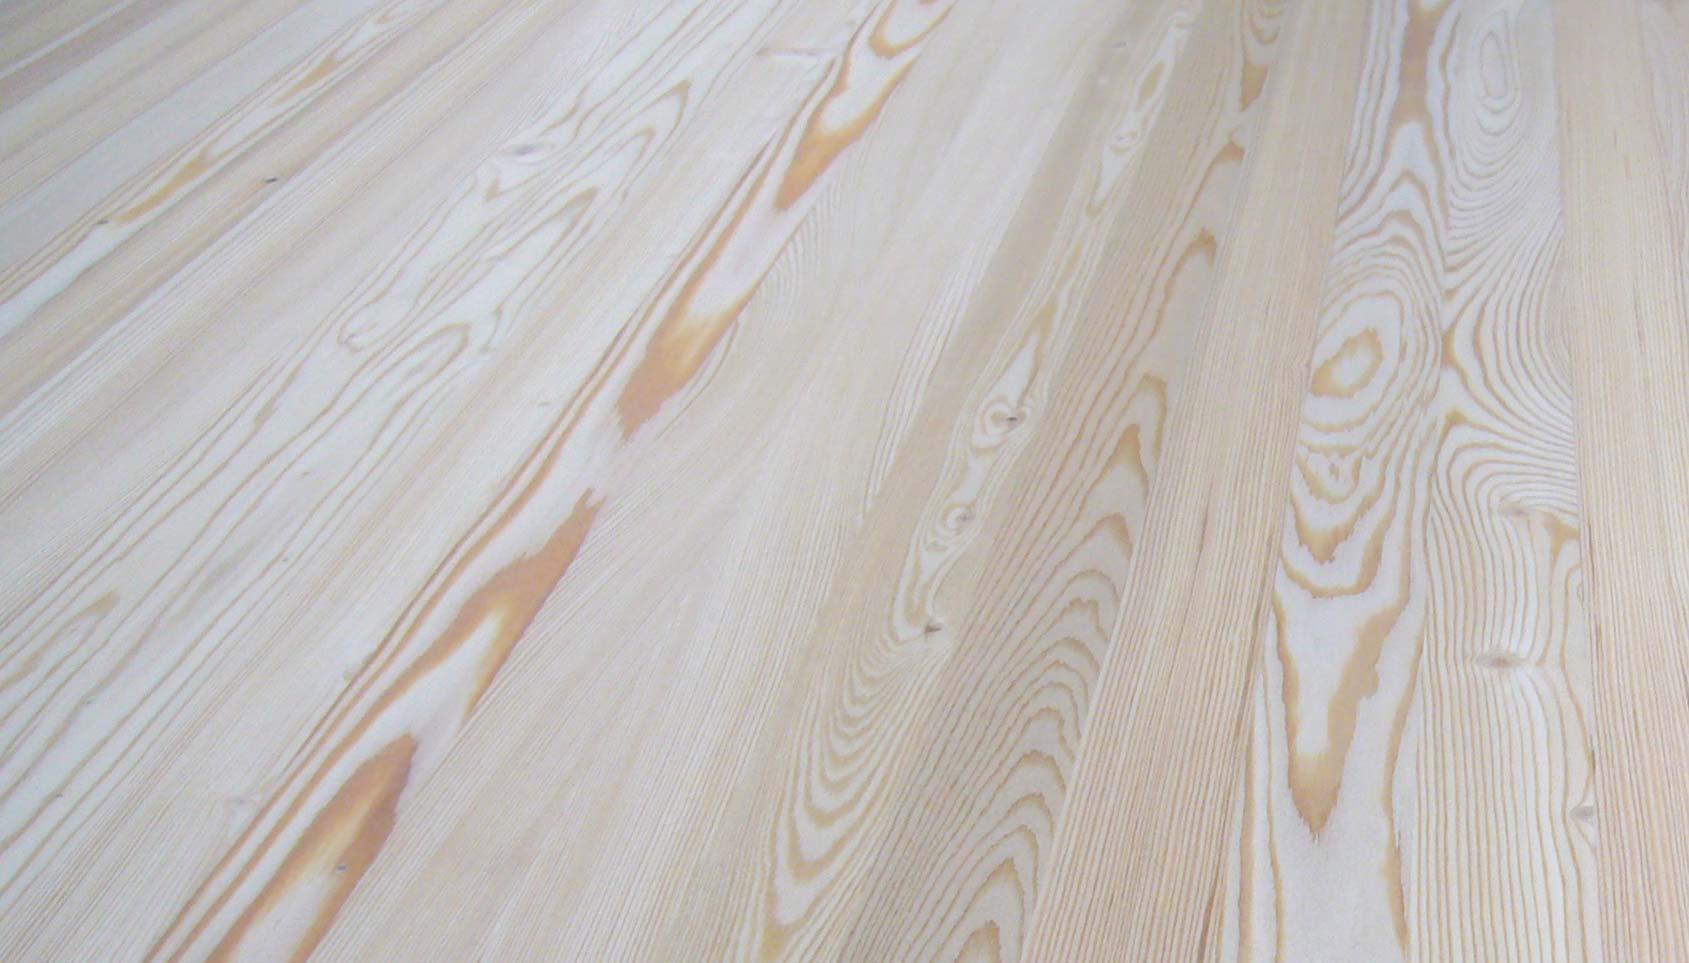 Pannelli Legno Senza Formaldeide pannelli lamellari larice monostrato - legnolinea benetazzo